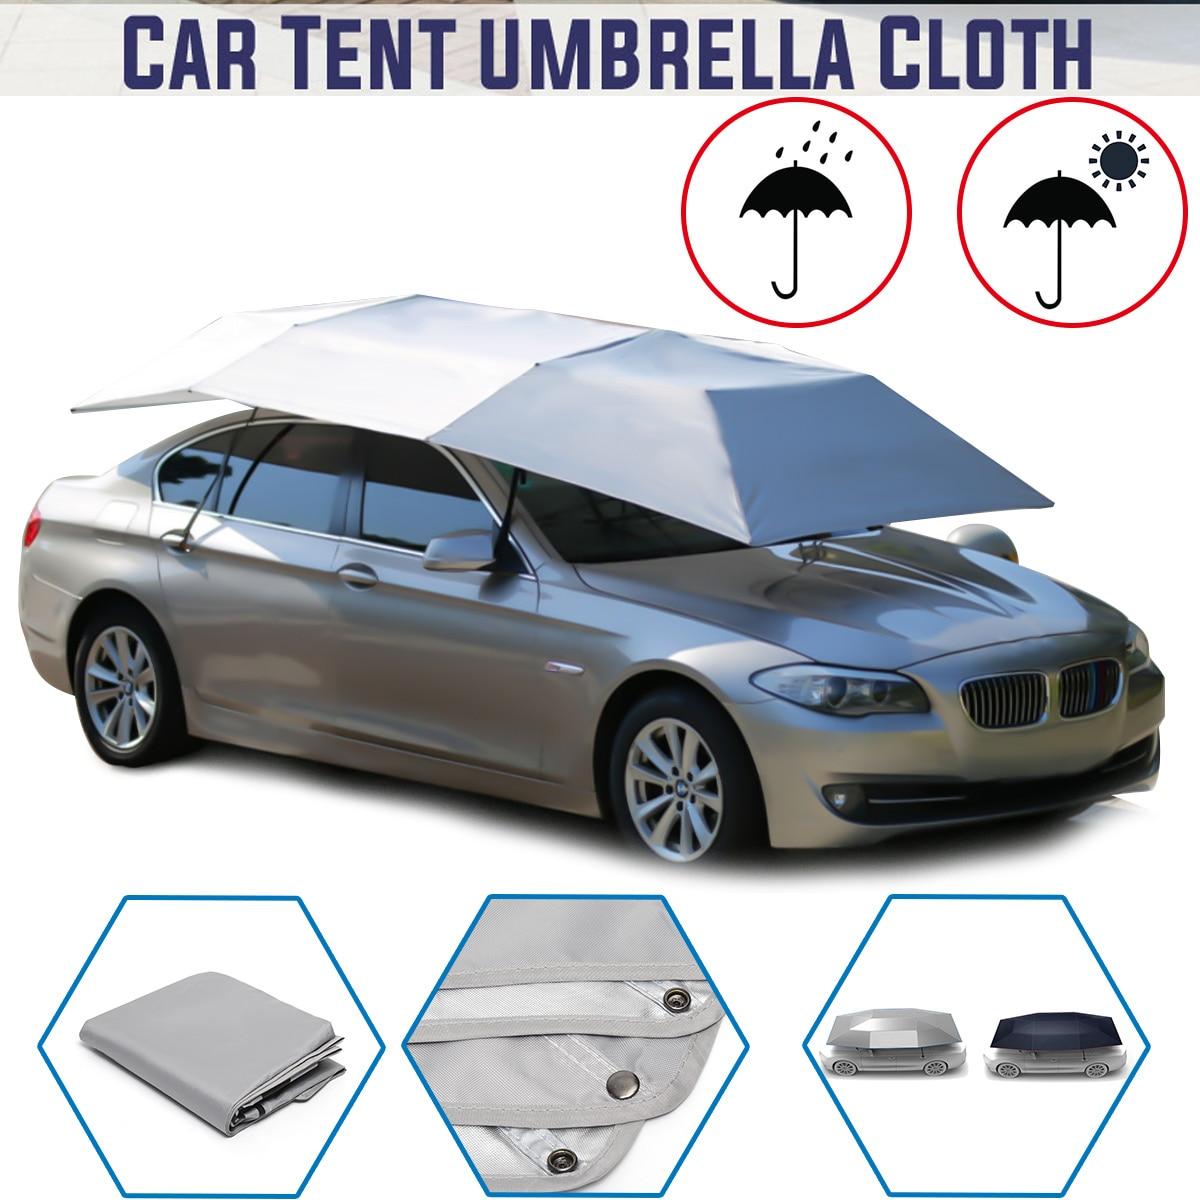 Plein air automatique voiture véhicule tente parapluie parasol toit couverture tissu remplaçable imperméable Anti UV voiture parapluie soleil ombre